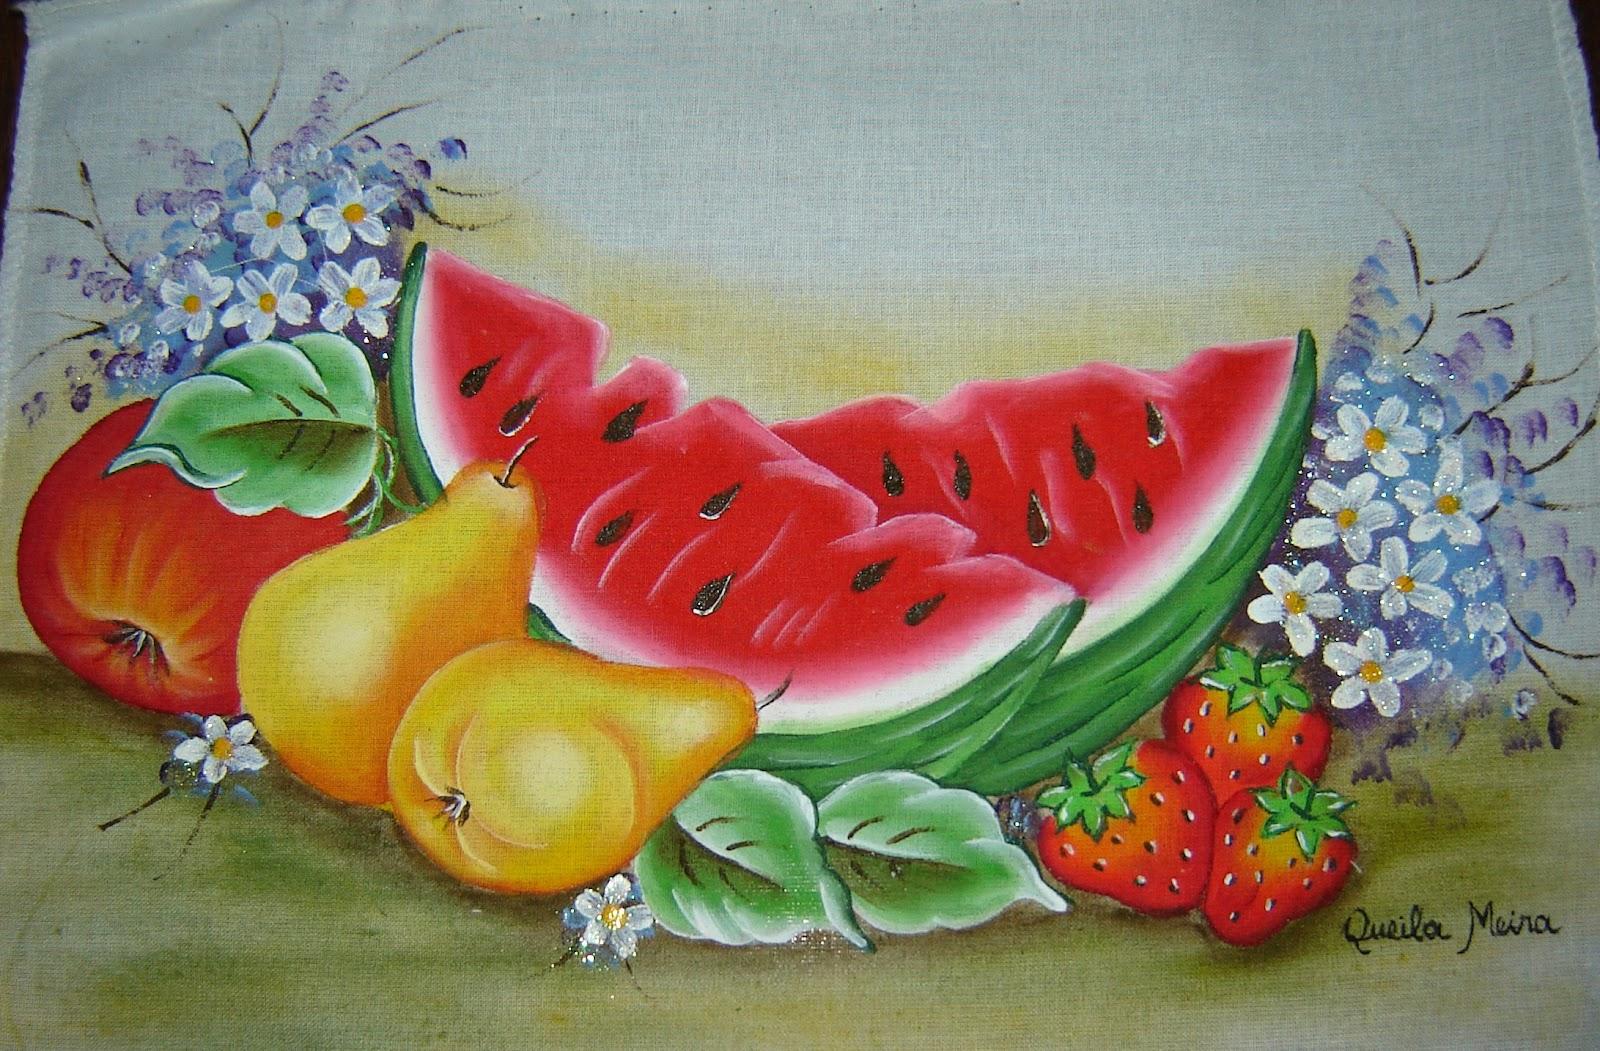 Queila pinturas pintura de frutas - Pinturas para pintar tela ...